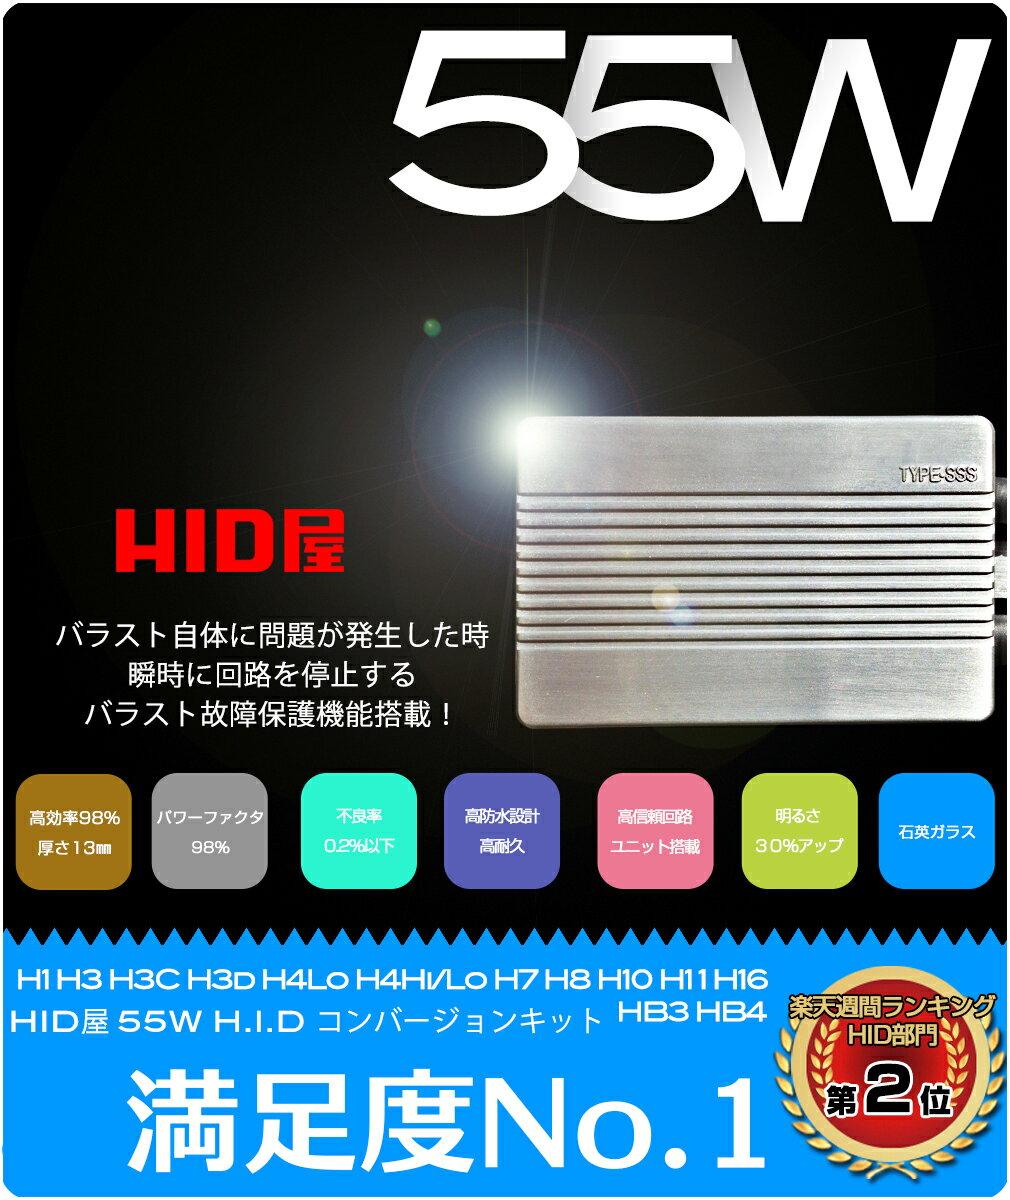 ニッサン SILVIA シルビア HID S63.5〜H2.12 S13 プロジェクターヘッド に適合 HID屋 HIDキット ヘッドライト ハイビーム 55W H3 3000K 6000K 8000K